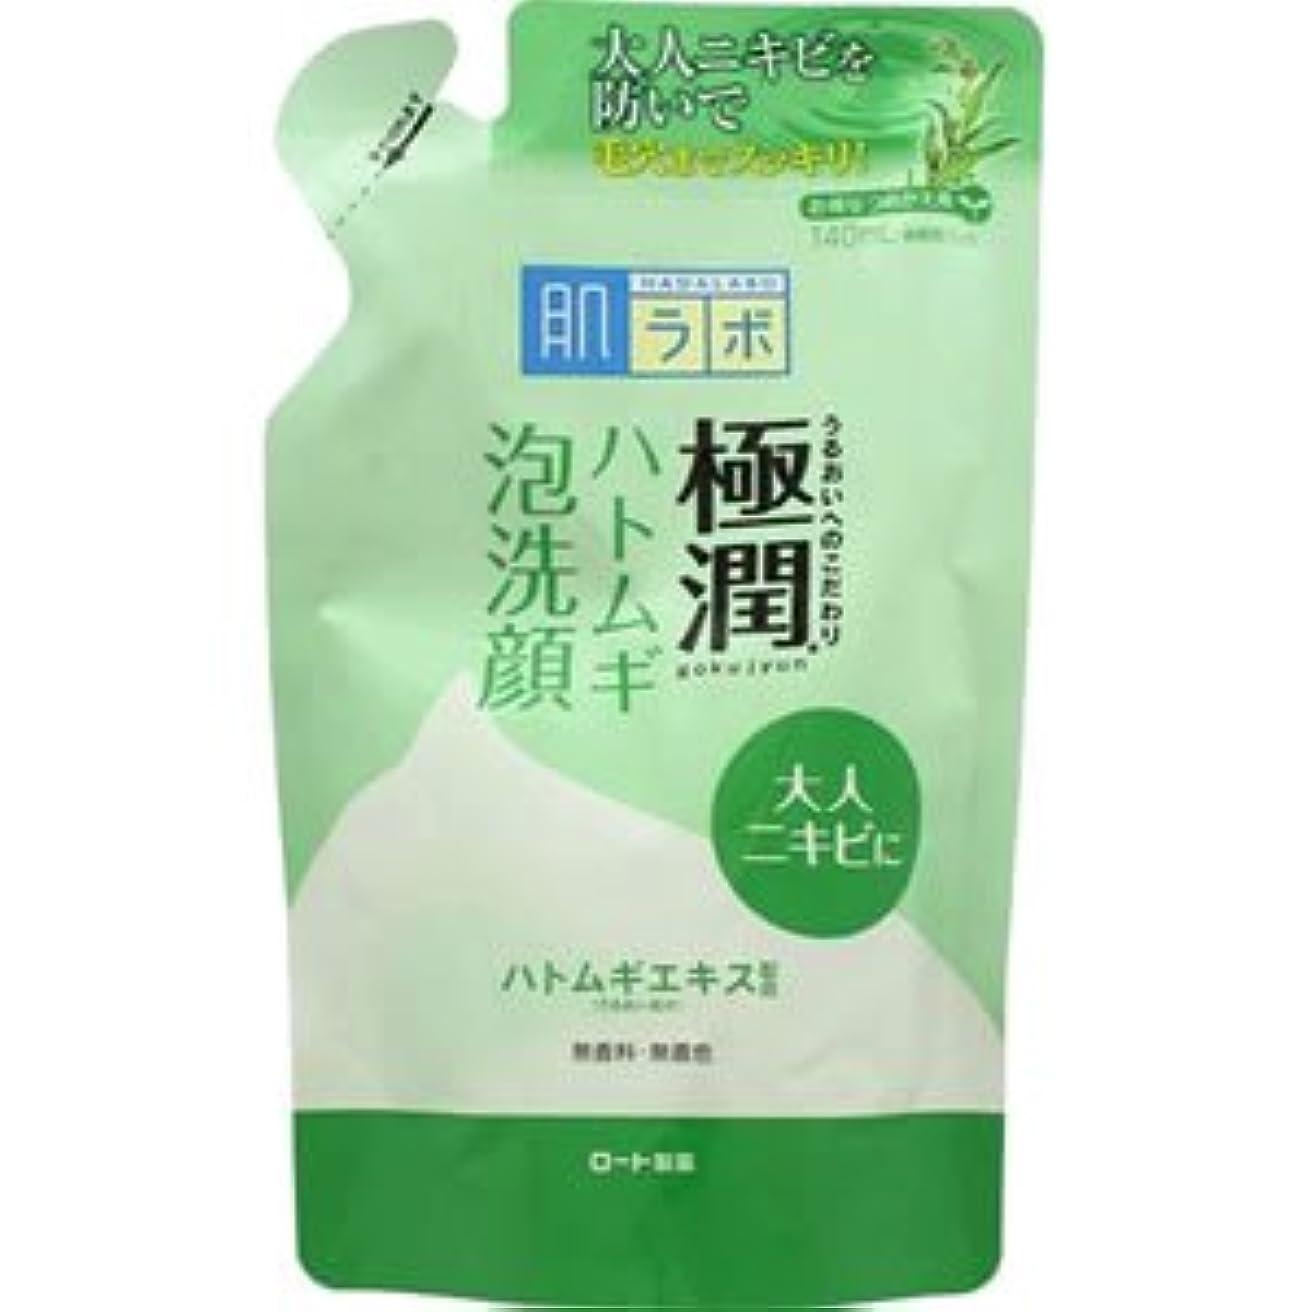 層過去指(ロート製薬)肌研 極潤ハトムギ泡洗顔 140ml(つめかえ用)(お買い得3個セット)